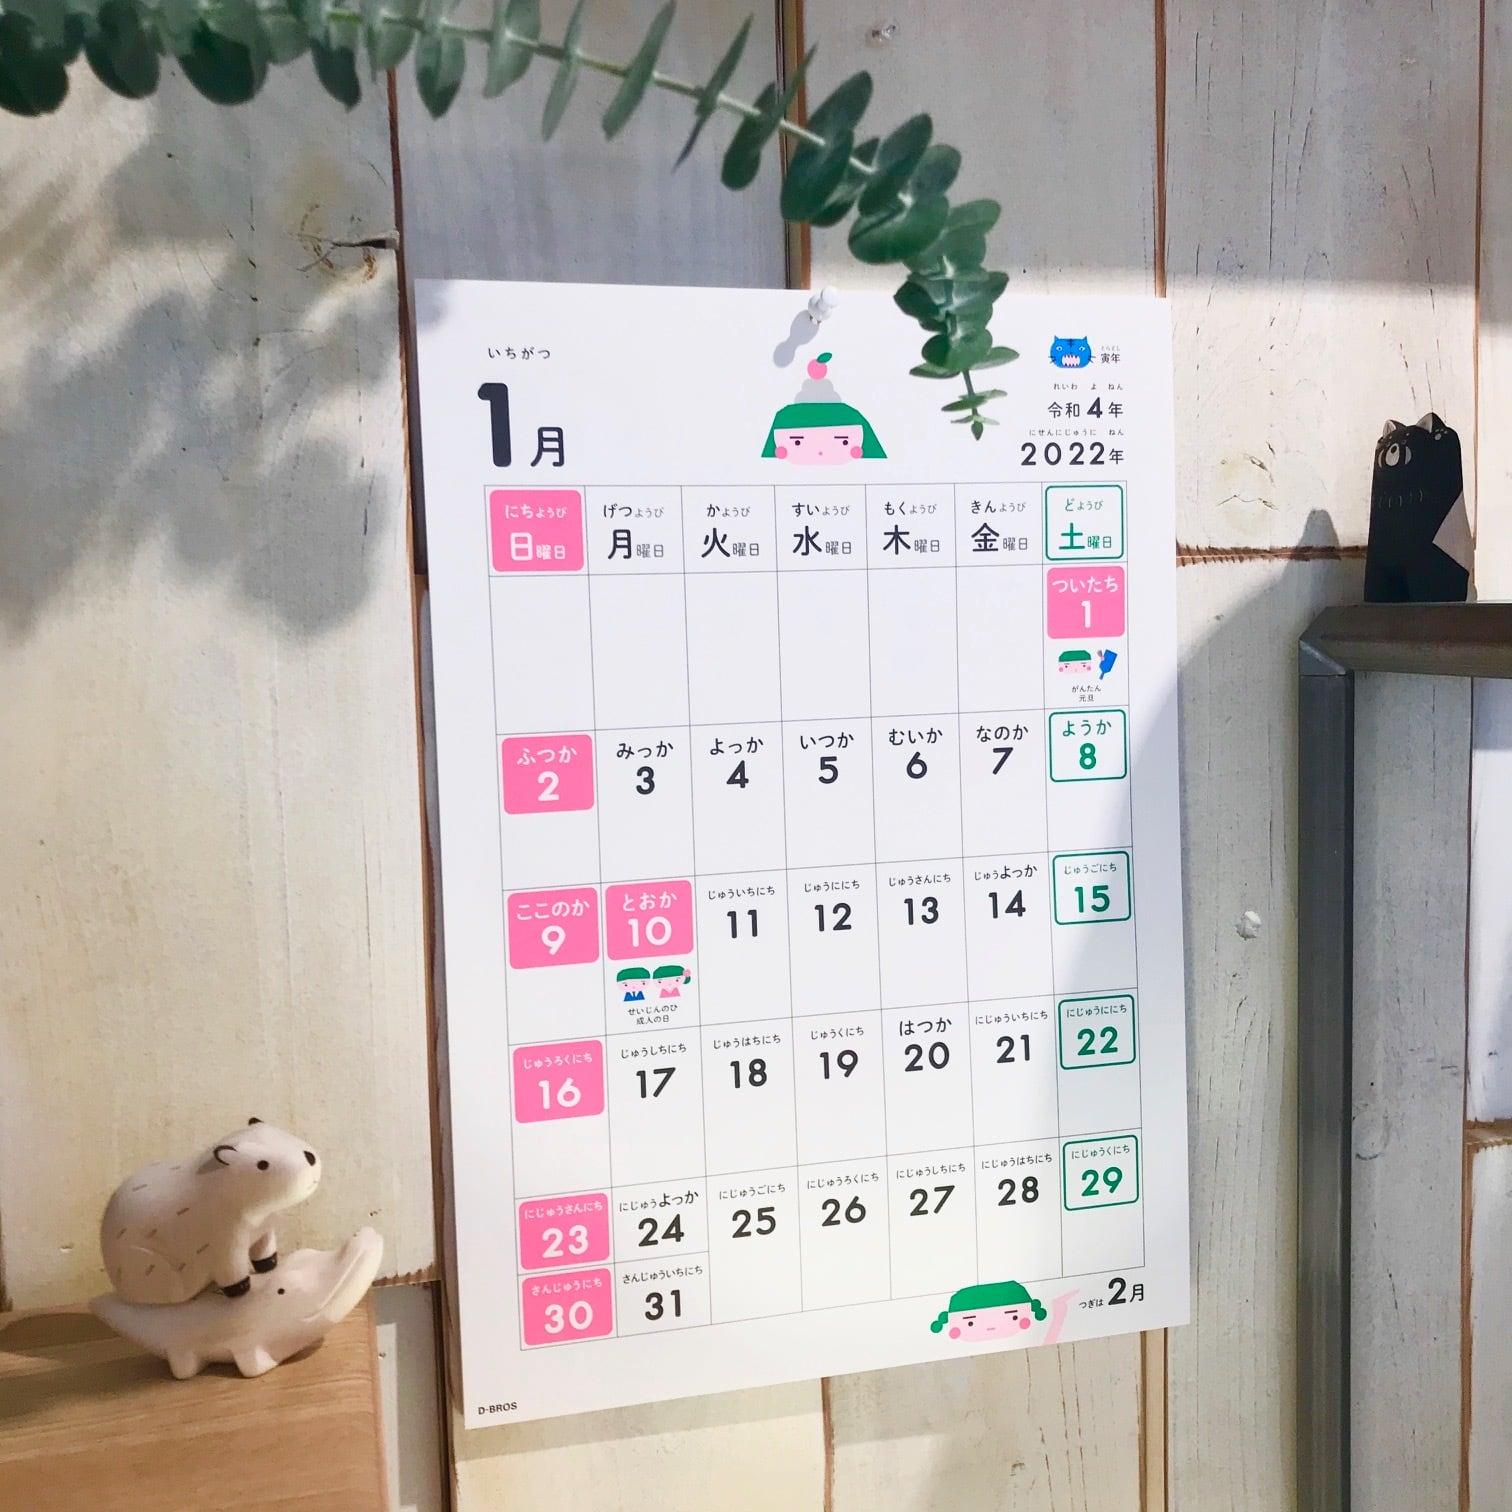 シール付き【D-BROS】2022 こどもカレンダー 2022